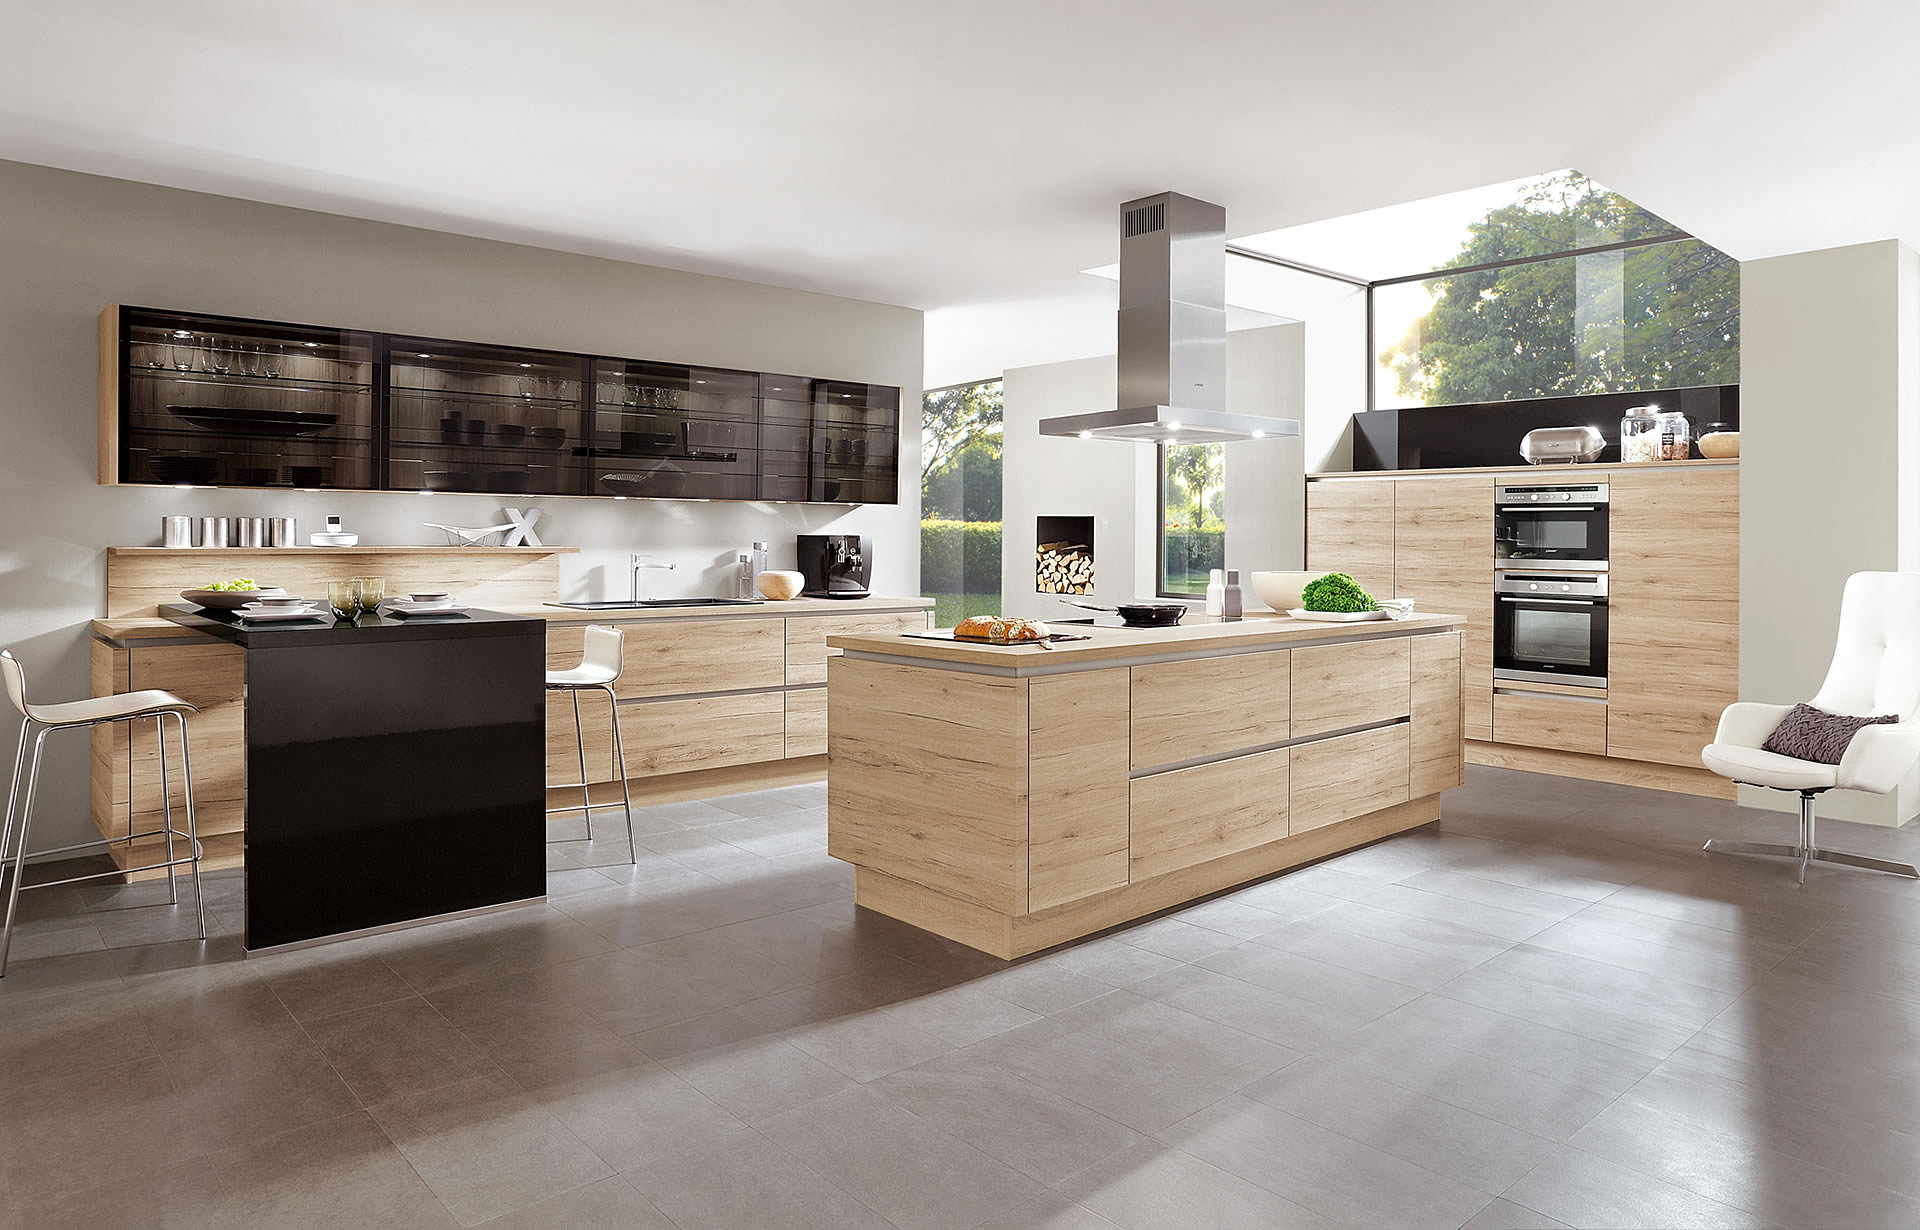 Modern Kitchen. Kitchen Remodeling Katy   Bathroom Remodeling Katy   Houston